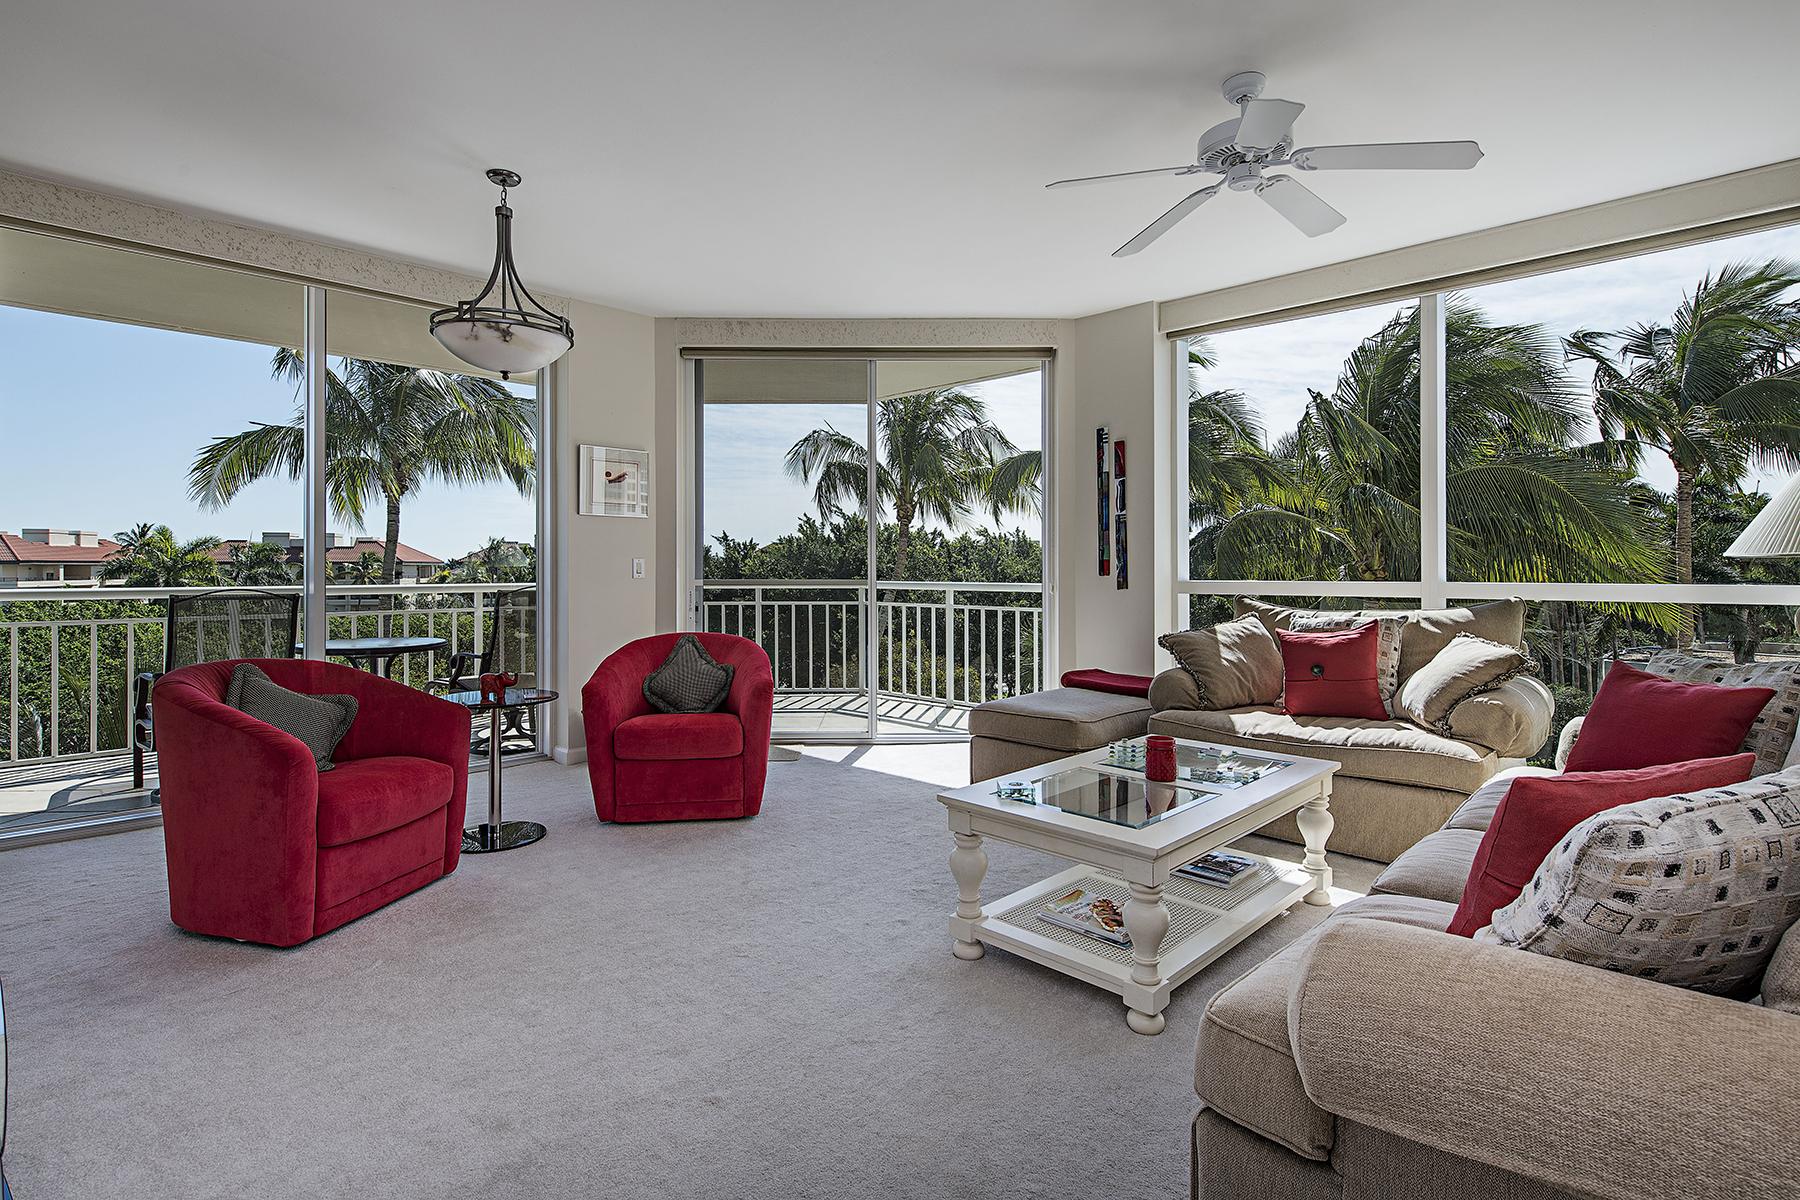 Кооперативная квартира для того Продажа на PARK SHORE - BAY SHORE PLACE 4255 Gulf Shore Blvd N 202 Naples, Флорида, 34103 Соединенные Штаты